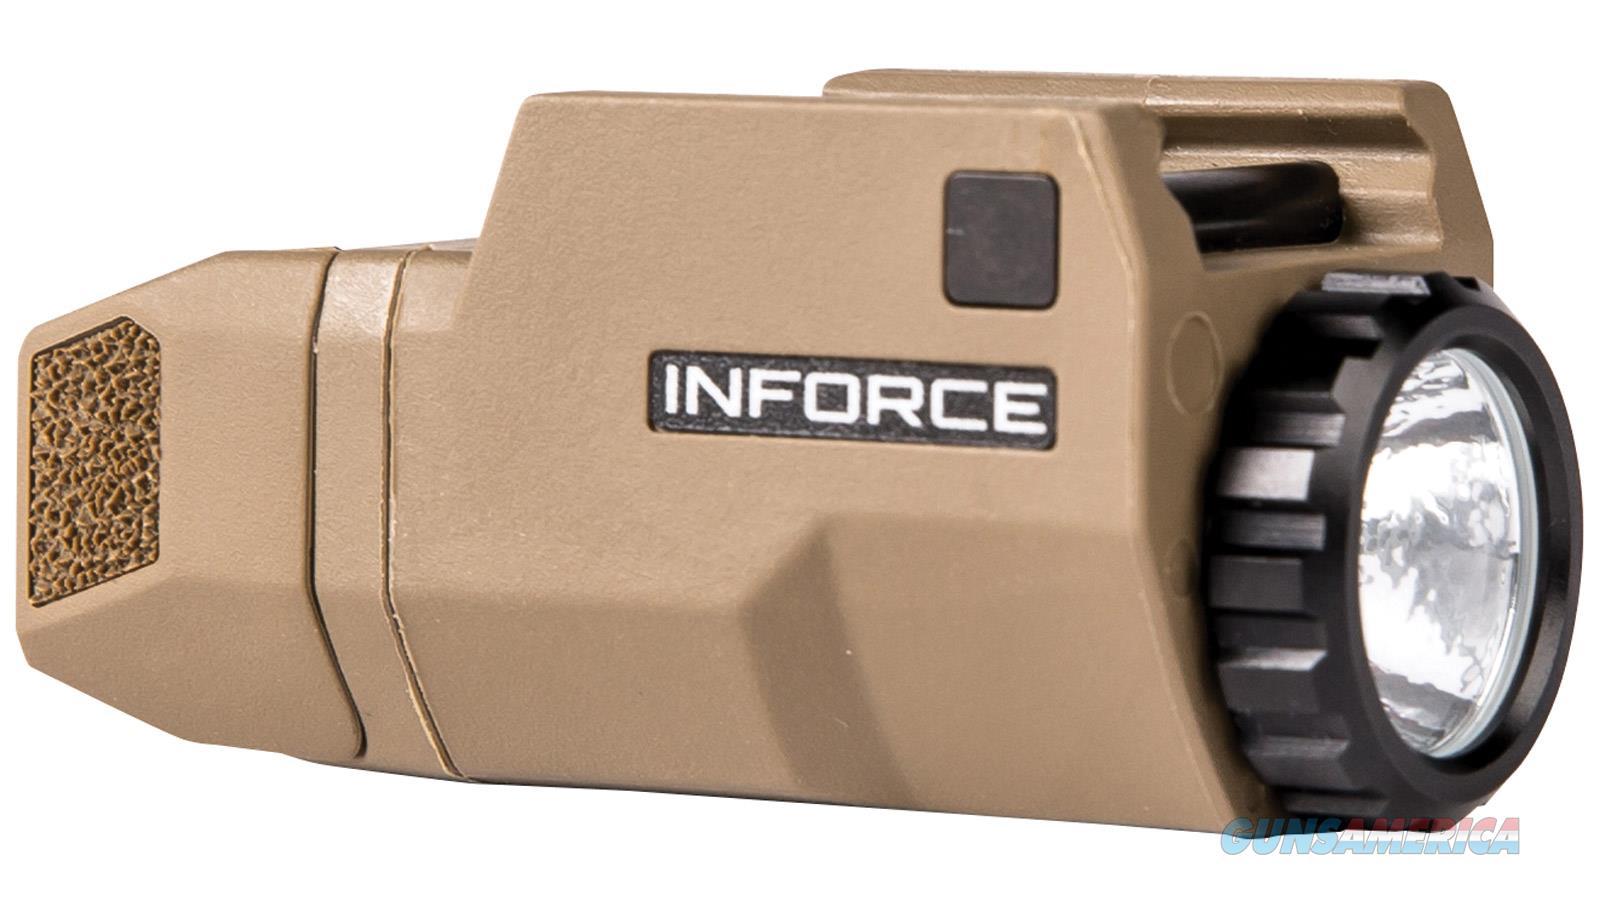 Inforce Aplc Lt For Glk Led Fde ACG-06-1  Guns > Rifles > IJ Misc Rifles